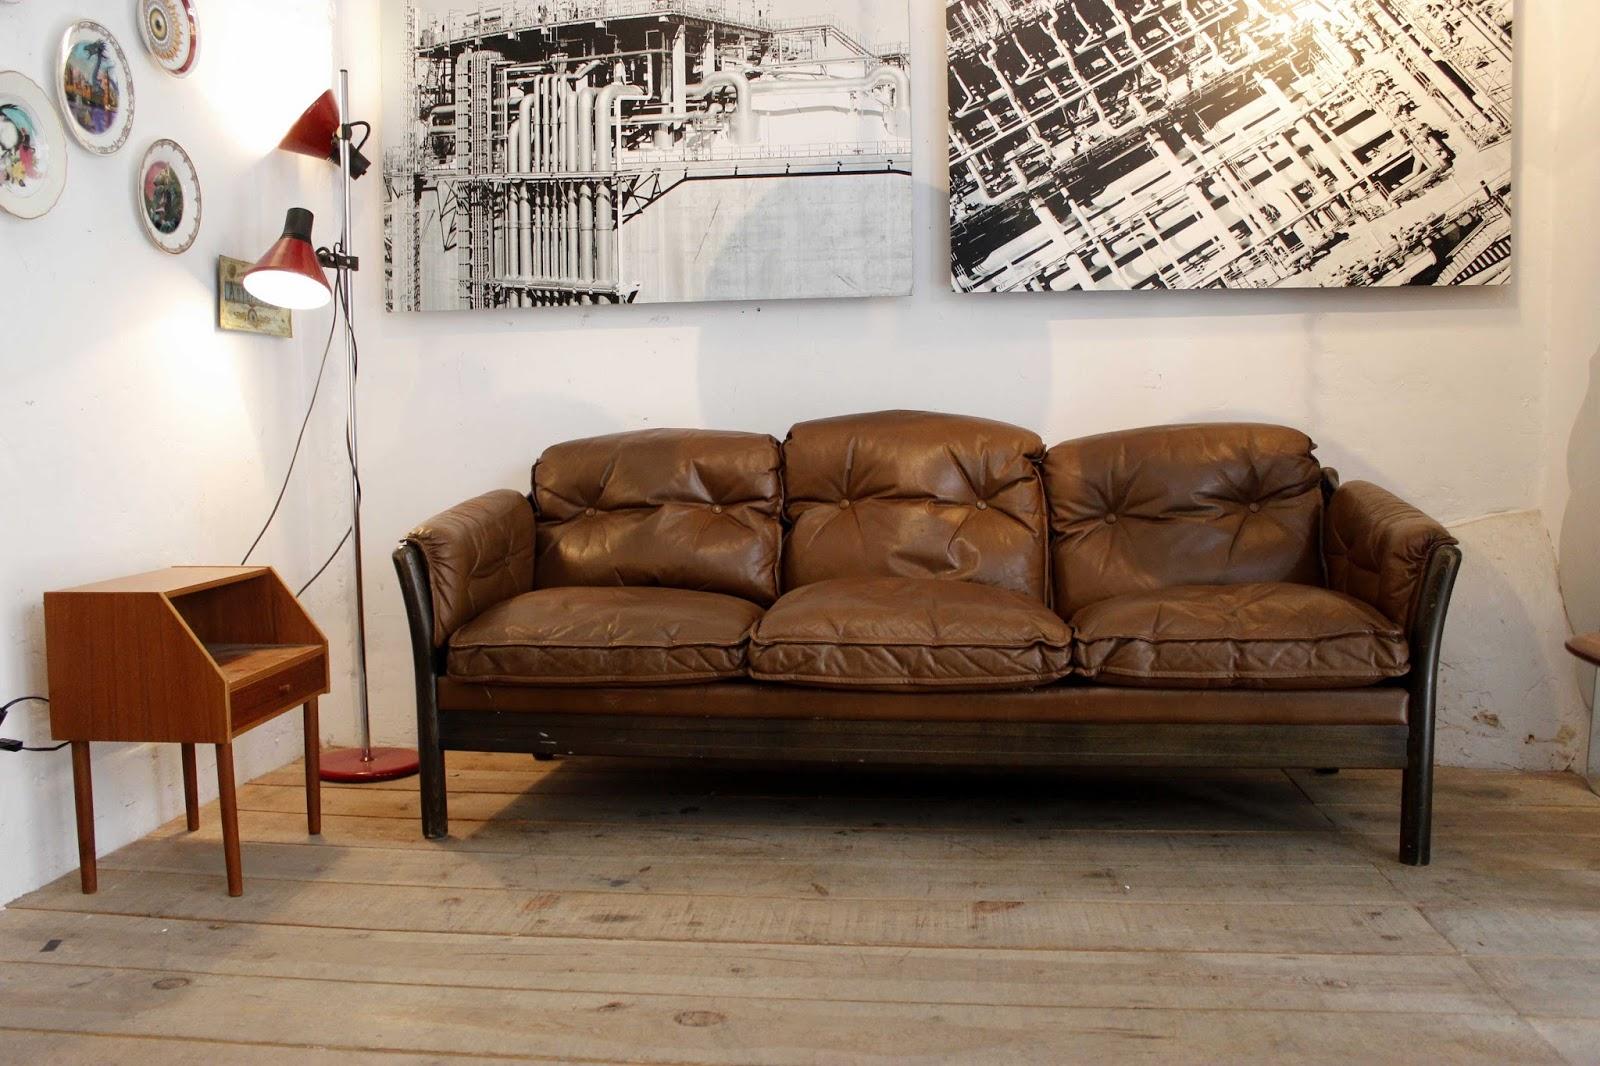 sofas rinconeras baratos madrid segunda mano sofa cushion foam online los mejores de great mejor piel